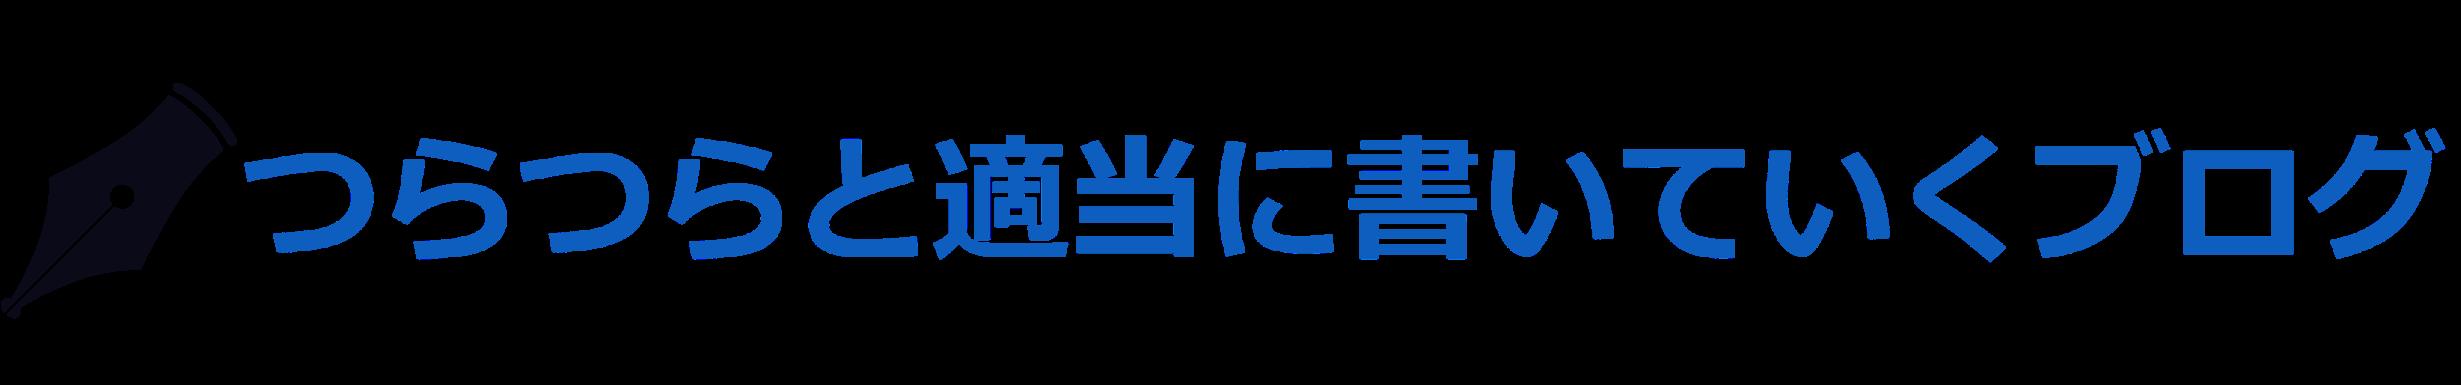 つらつらと適当に書いていくブログ|東京・大阪のファミリーセール情報、食べ歩きなど